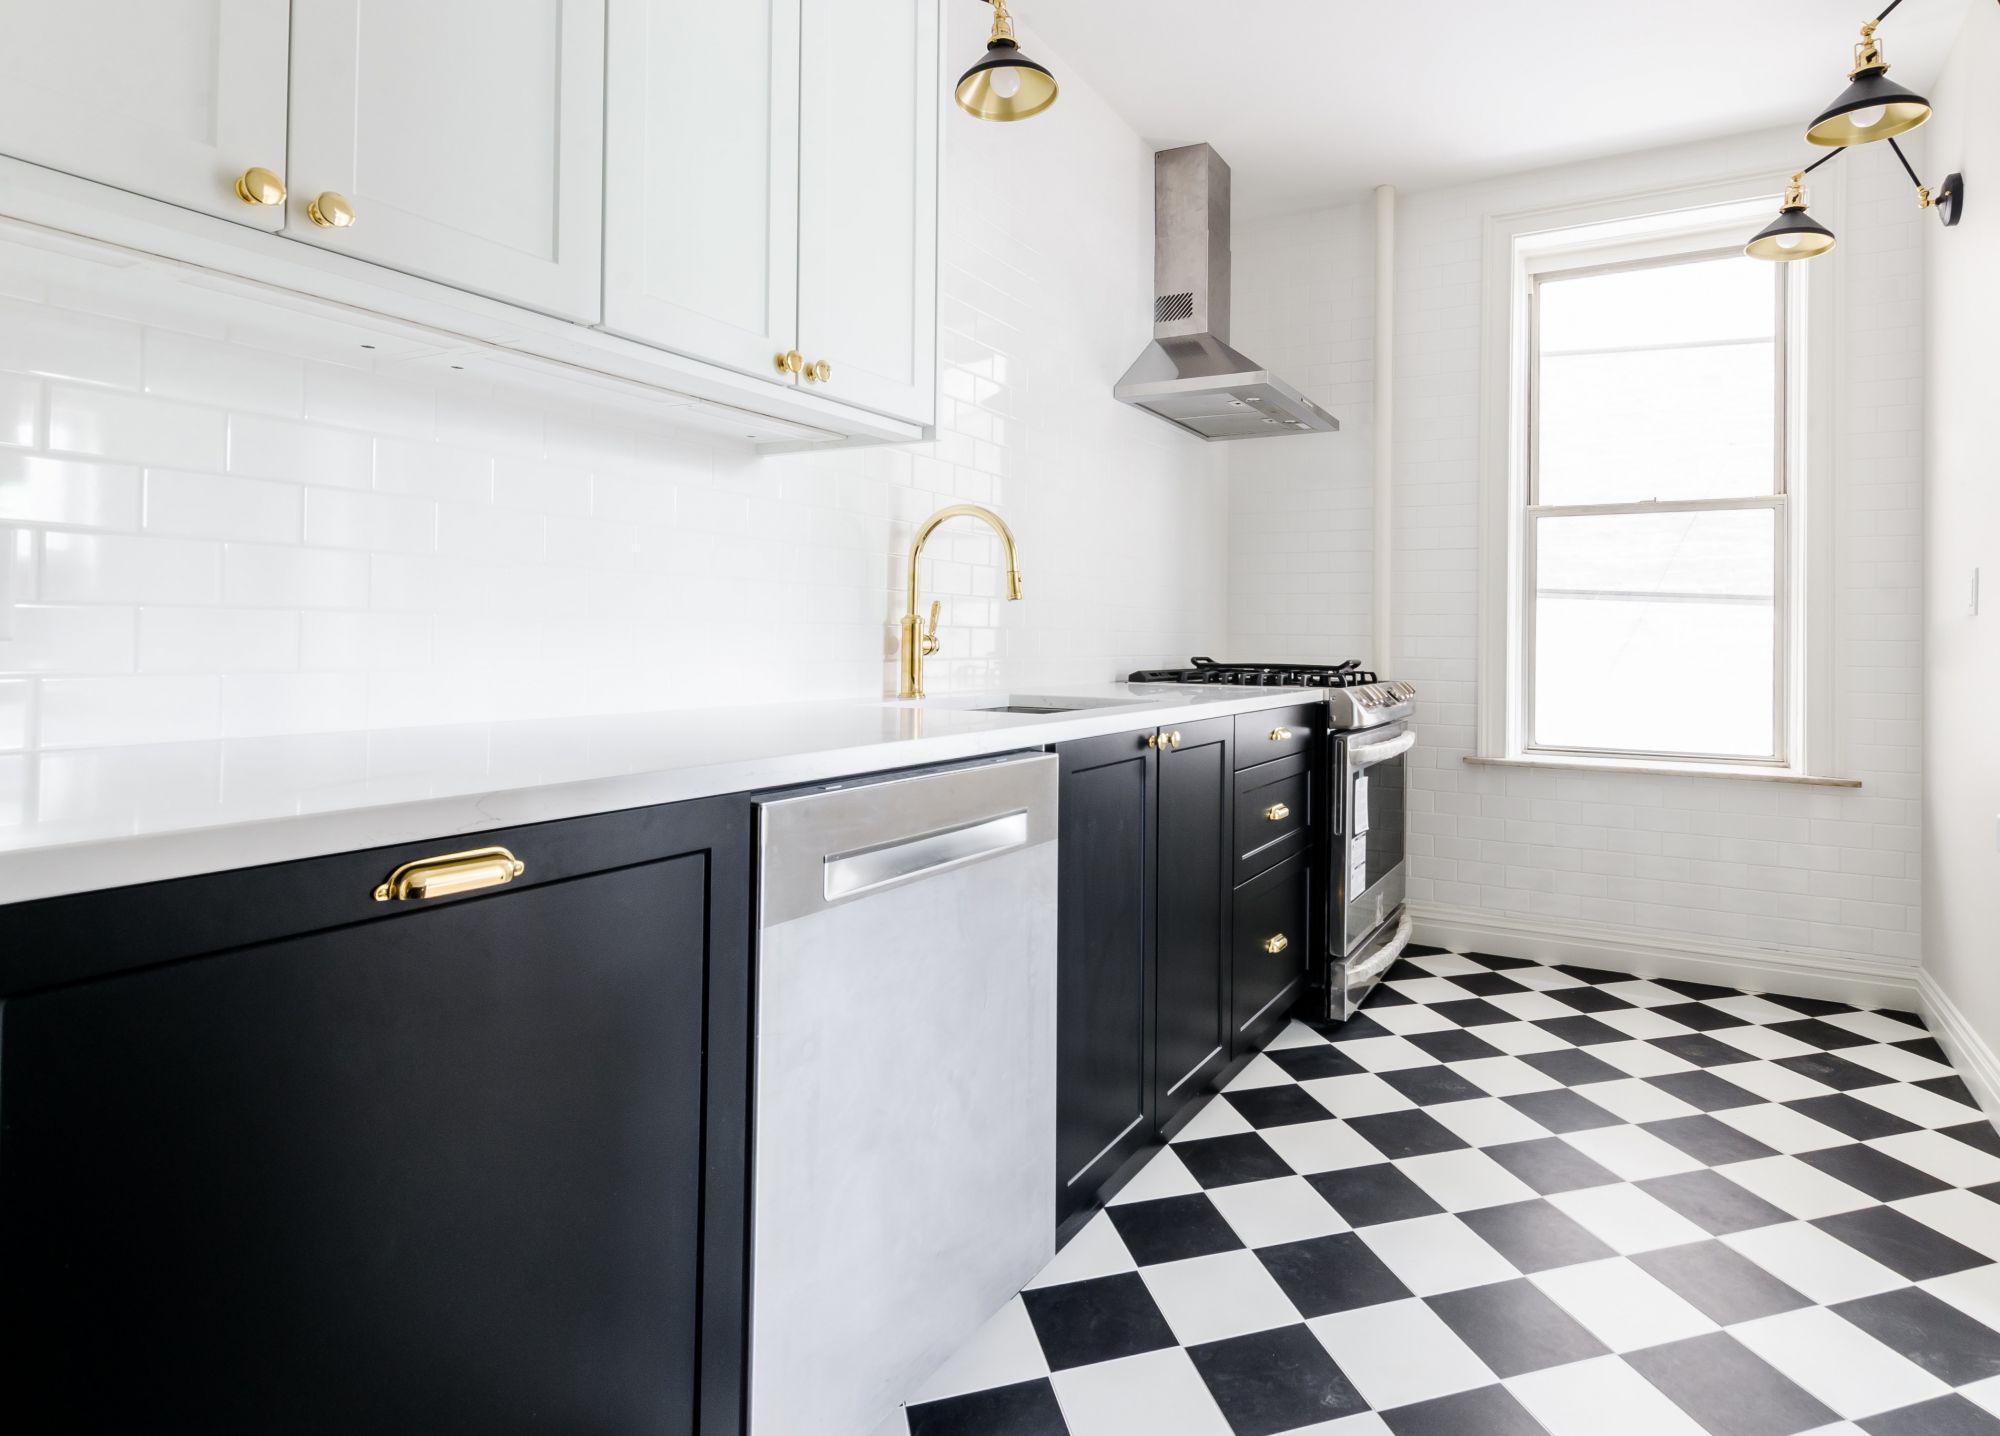 Cucina lineare: una disposizione elegante e trendy